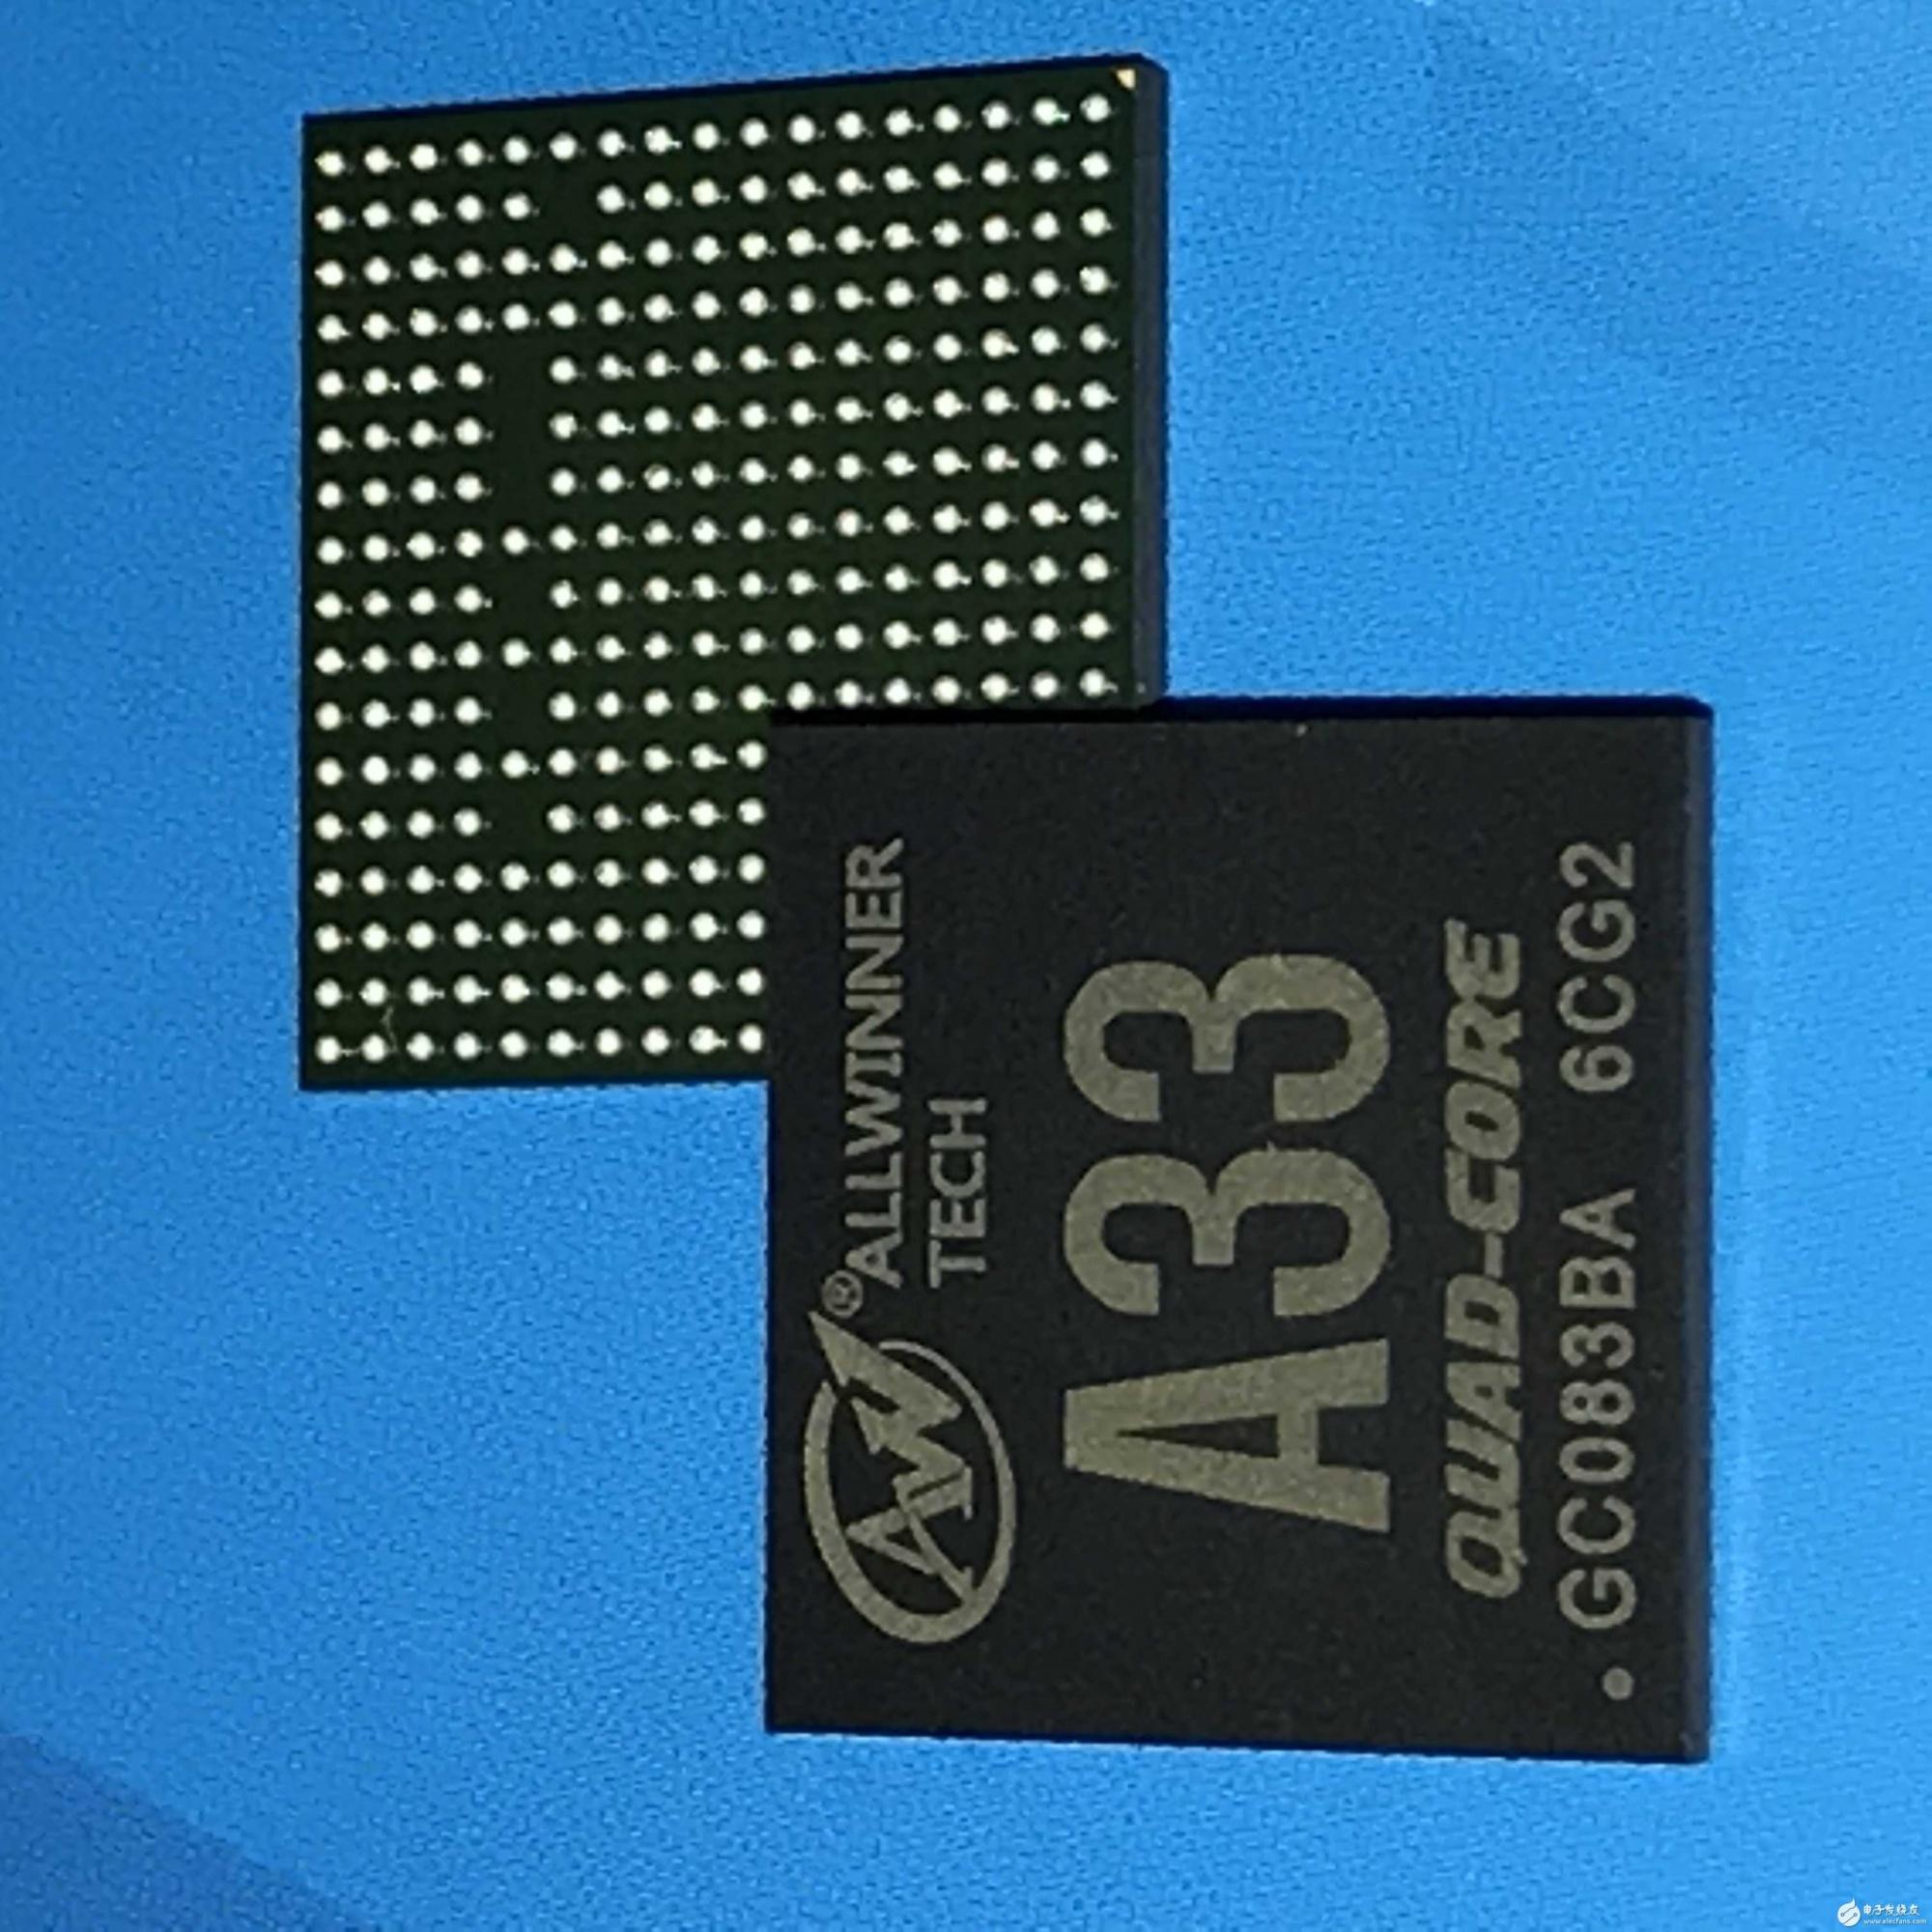 全志T80 物料FLASH  SDRAM 支持列表